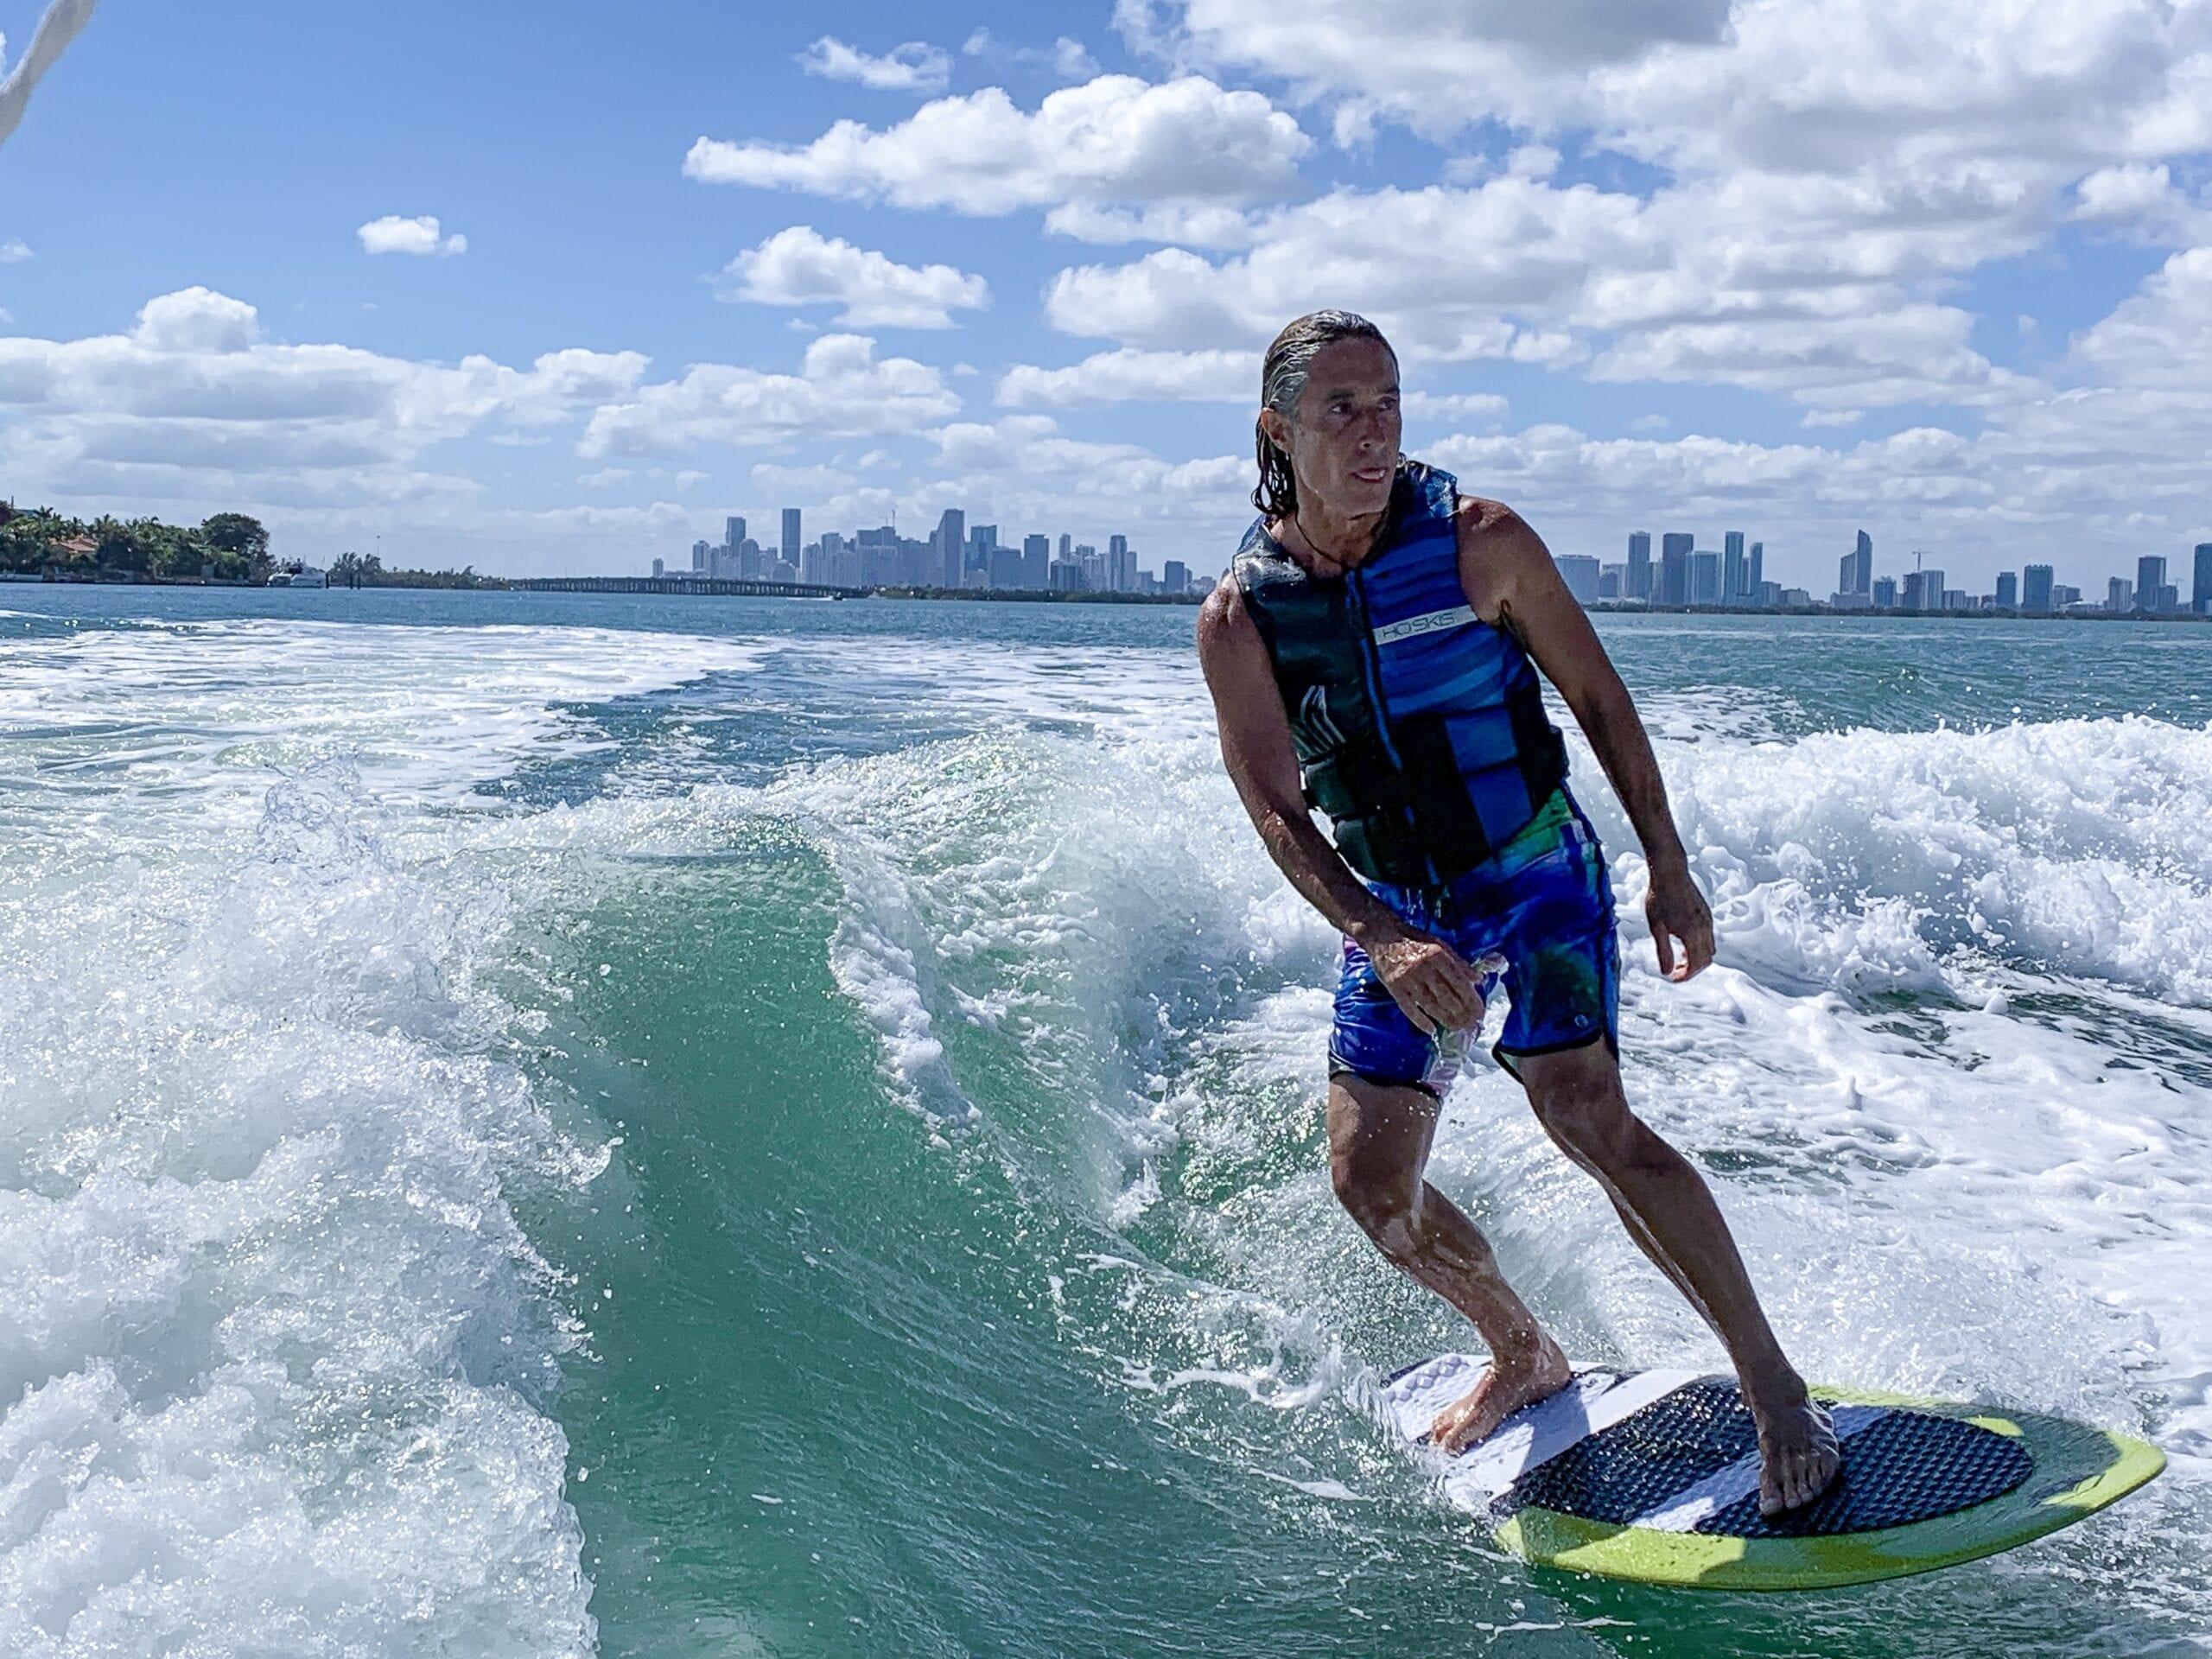 Miami Beach wakesurf - watersportsparadise.com